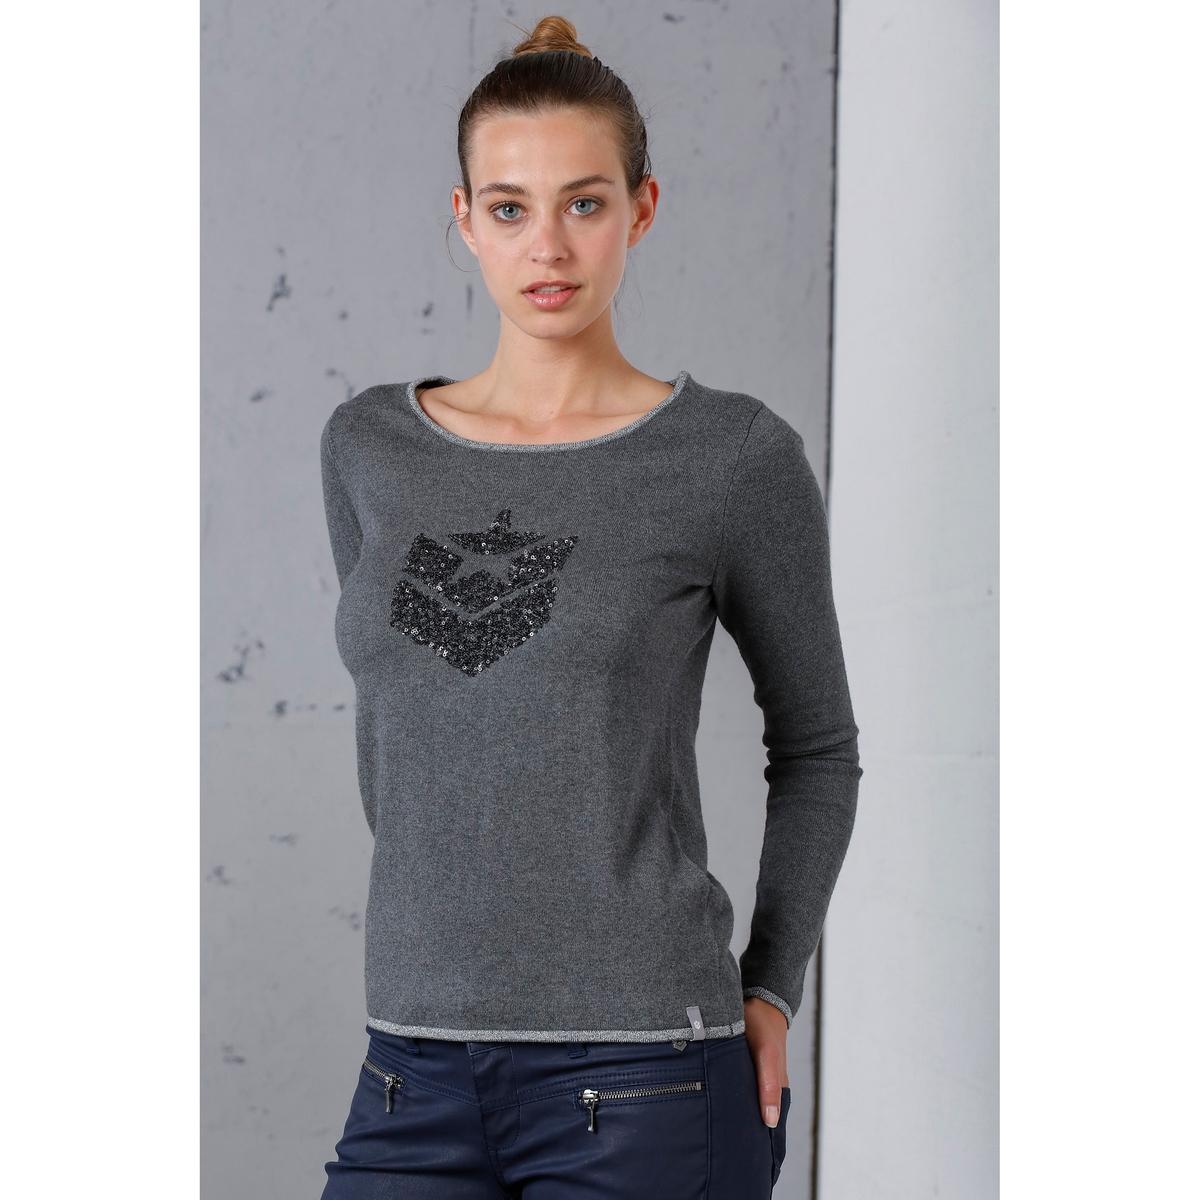 Пуловер кашемировый с круглым вырезом и с логотипом из блесток спереди пуловер с круглым вырезом из хлопка и льна